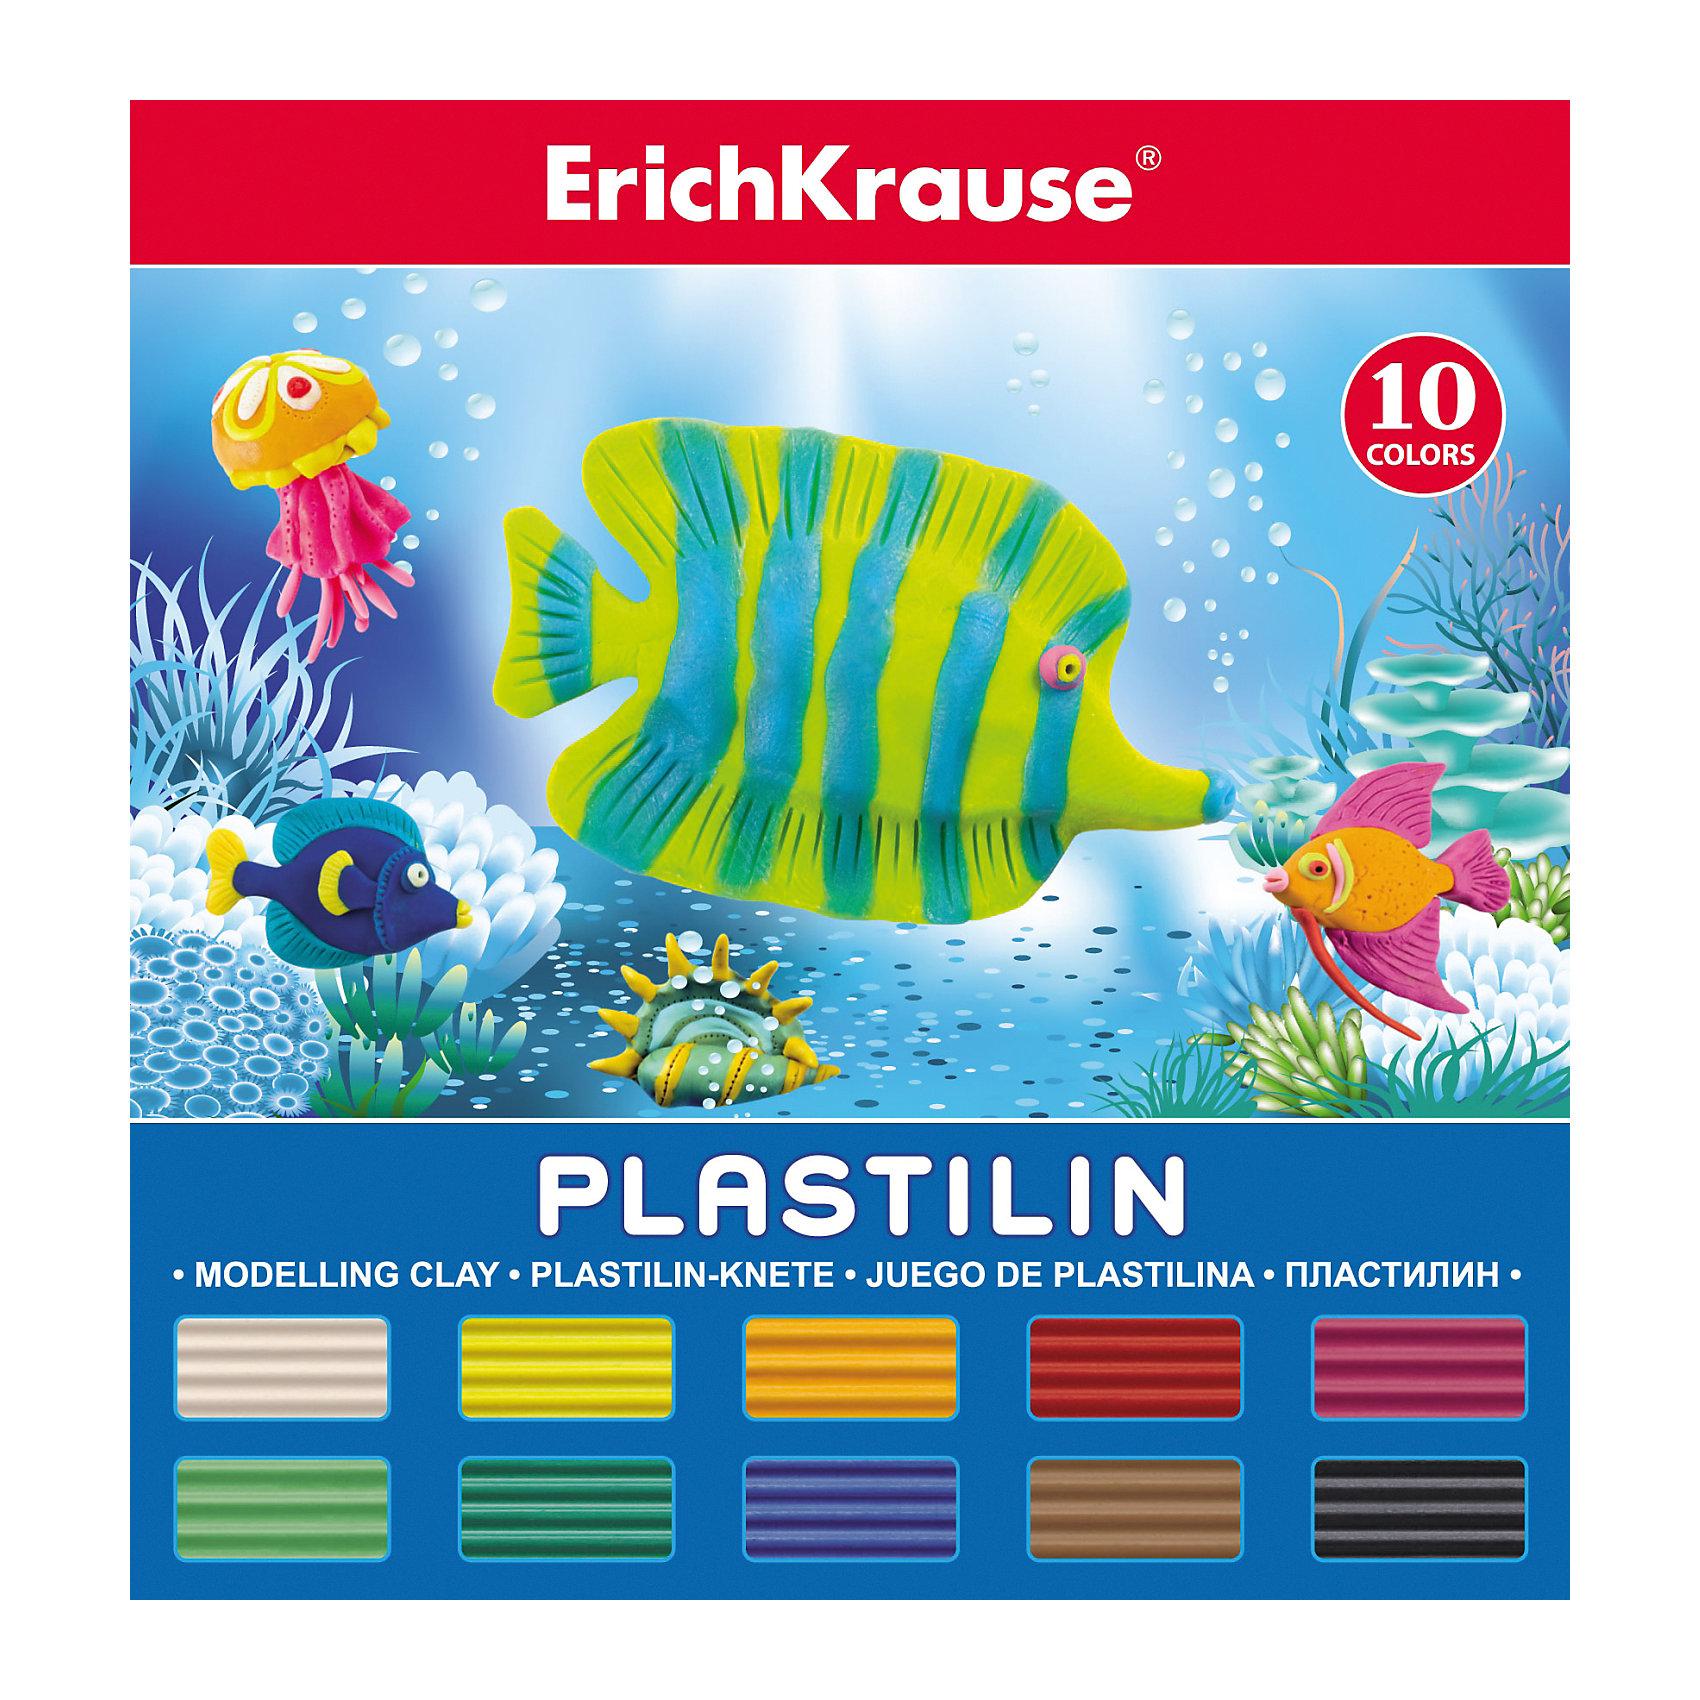 Пластилин 10 цветов, 180г, со стекомЛепка<br>Пластилин 10 цветов, 180г, со стеком<br><br>Характеристики:<br><br>• В набор входит: 10 брусочков пластилина, лопаточка-стек<br>• Размер упаковки: 15 * 1,7 * 14 см.<br>• Вес: 216 г.<br>• Для детей в возрасте: от 3-х лет<br>• Страна производитель: Китай<br><br>В набор входит лопаточка для пластилина, с ней вы сможете разрезать пластилин, делать его плоским или рифленым. Насыщенные цвета пластилина почти не оставляют следов на руках и могут перемешиваться между собой. Поделки из разных цветов отлично прикрепляются друг к другу. Работая с пластилином вы можете делать объемные фигурки, а также можете наносить пластилин на бумагу, картон или даже стекло, чтобы выполнять новые картины или даже фрески. <br><br>В набор входят основные десять цветов, которые помогут создать настоящие шедевры. Занимаясь лепкой дети развивают моторику рук, творческие способности, восприятие цветов и их сочетаний, а также лепка благотворно влияет на развитие речи, координацию движений, память и логическое мышление. Лепка всей семьей поможет весело и пользой провести время!<br><br>Пластилин 10 цветов, 180г, со стеком можно купить в нашем интернет-магазине.<br><br>Ширина мм: 142<br>Глубина мм: 151<br>Высота мм: 17<br>Вес г: 216<br>Возраст от месяцев: 60<br>Возраст до месяцев: 216<br>Пол: Унисекс<br>Возраст: Детский<br>SKU: 5409290